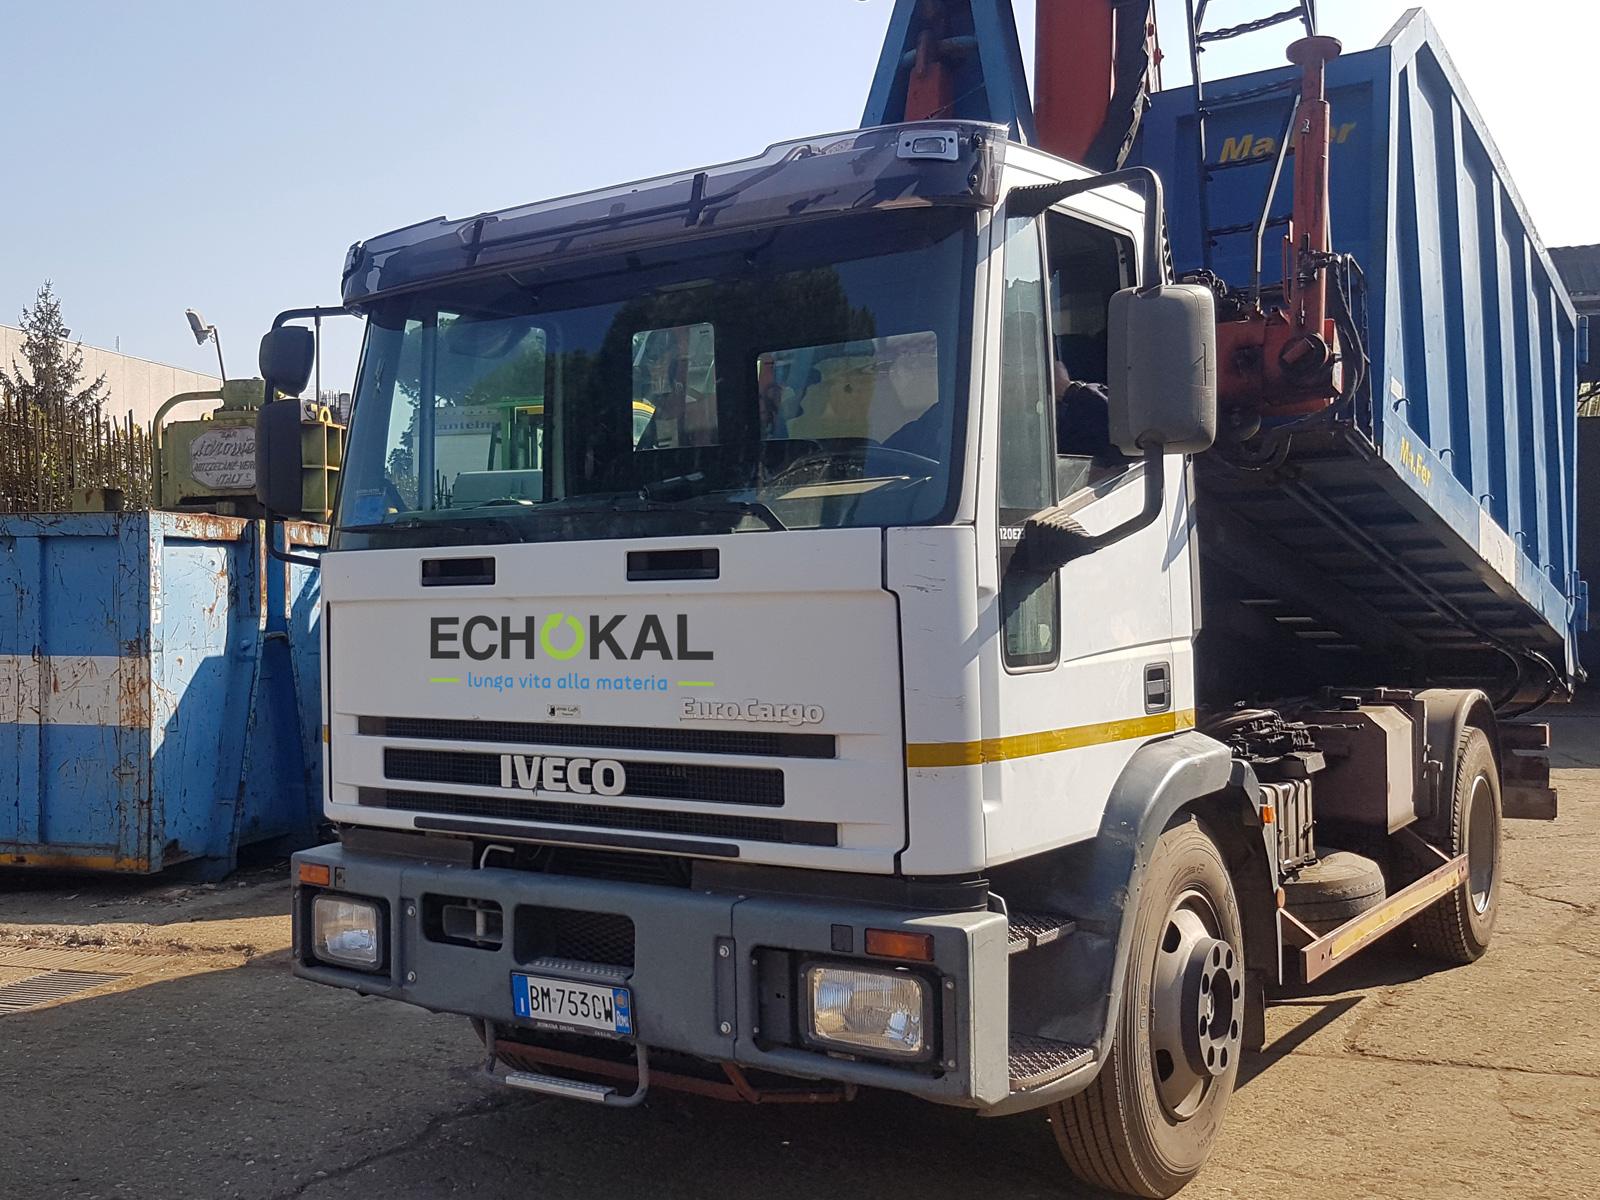 Echokal. Noleggio cassoni e container